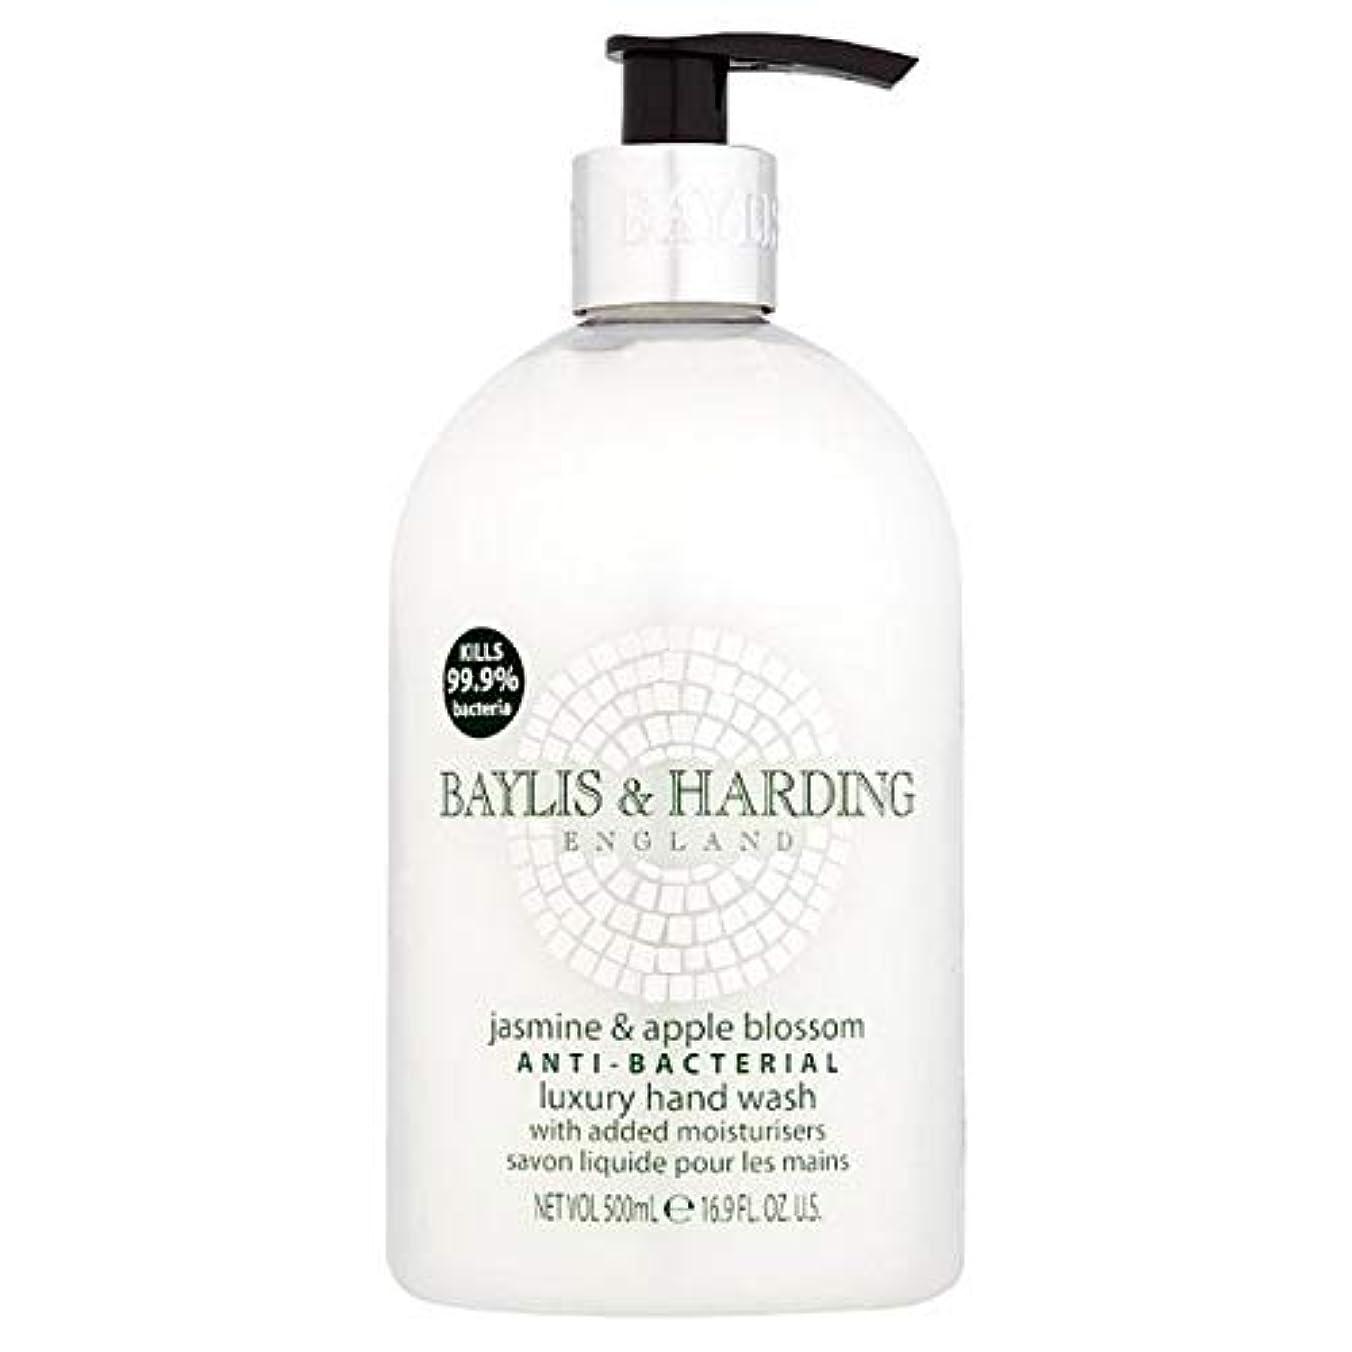 文庫本教育者また[Baylis & Harding ] ベイリス&ハーディング署名抗菌手洗い用500ミリリットル - Baylis & Harding Signature Antibacterial Hand Wash 500ml [並行輸入品]